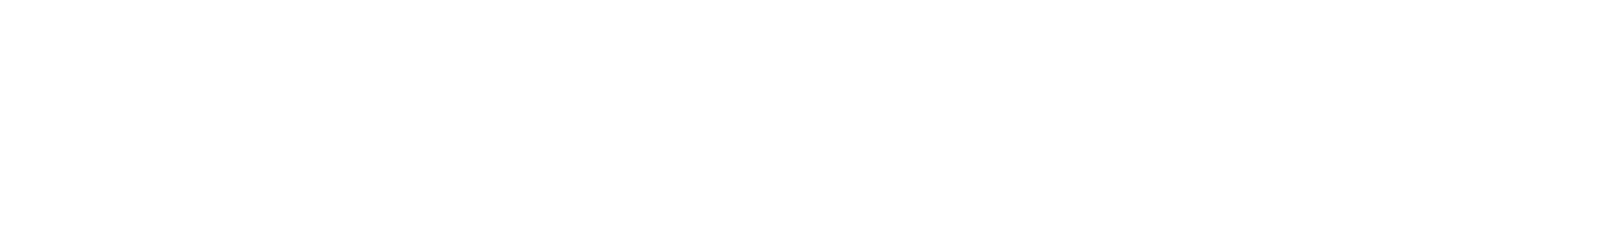 focus 313 eyecare Logo White